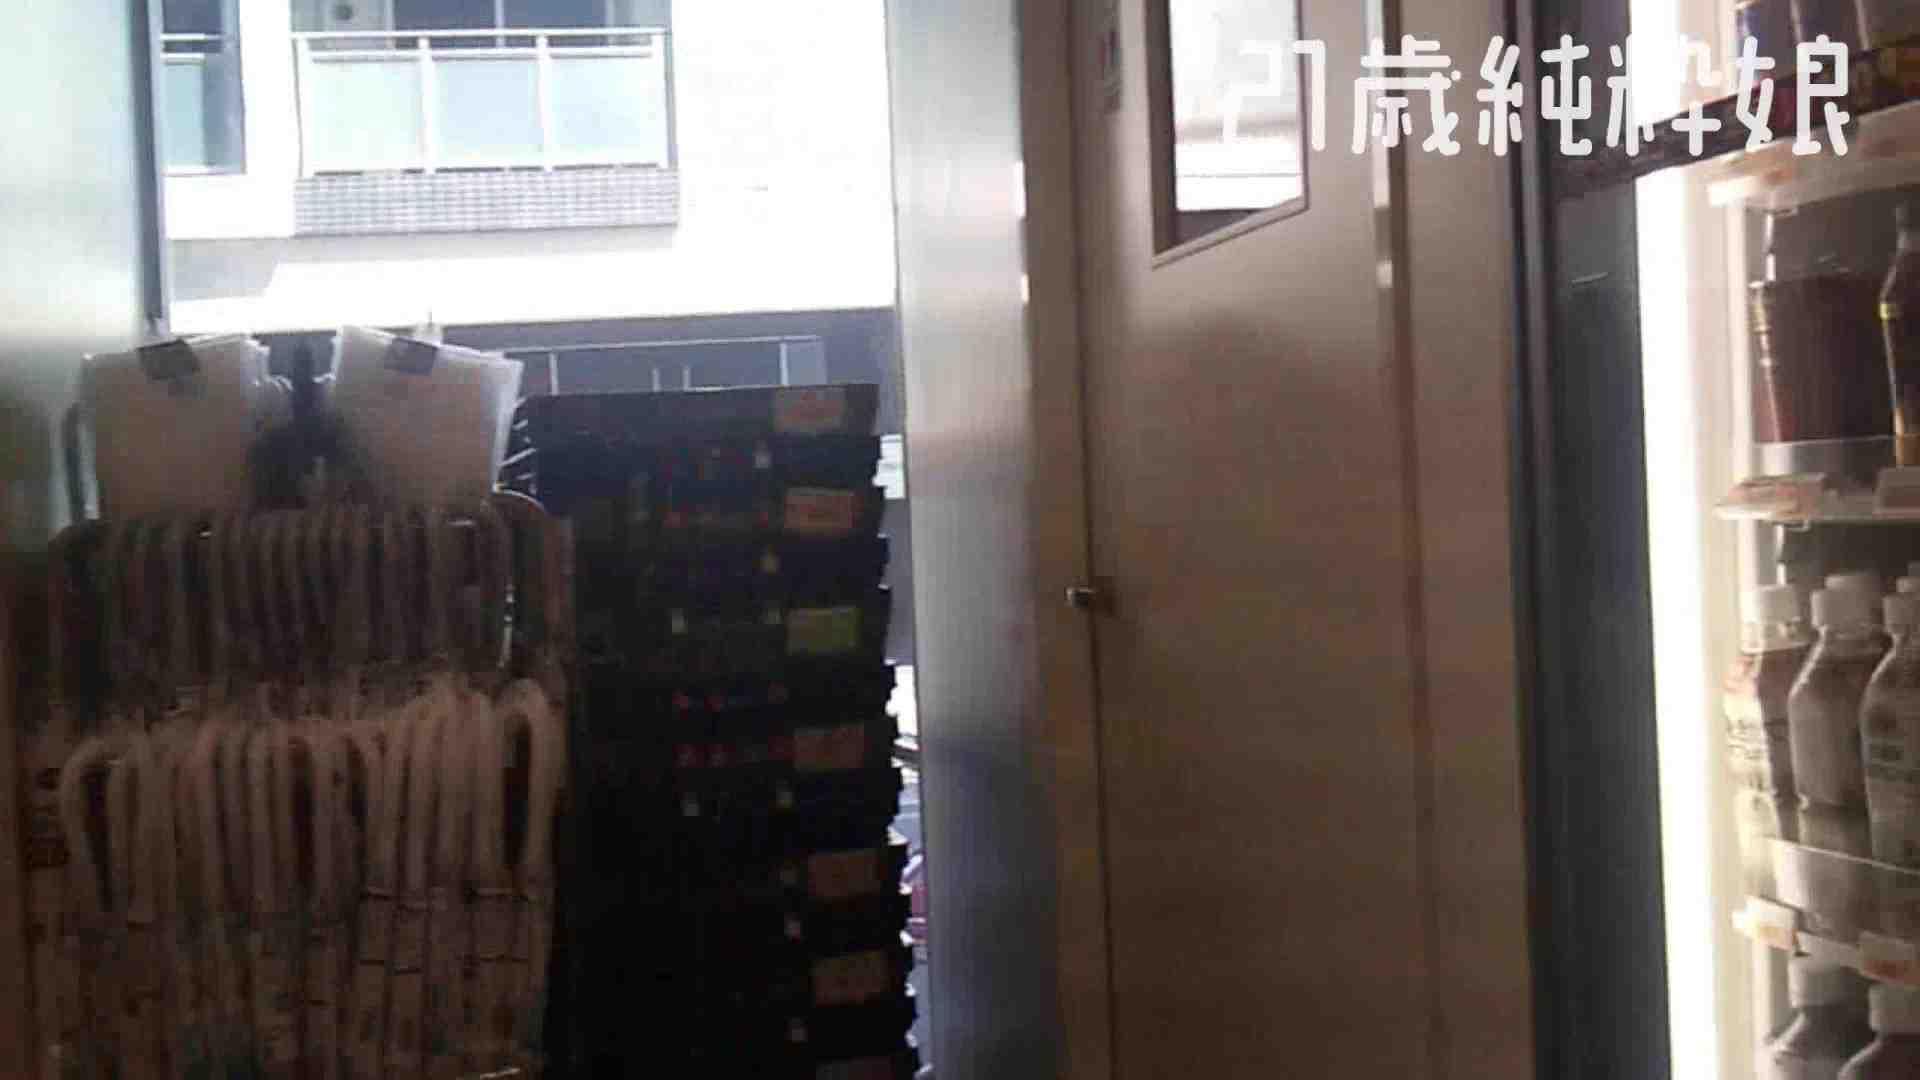 Gカップ21歳純粋嬢第2弾Vol.5 学校  108連発 108